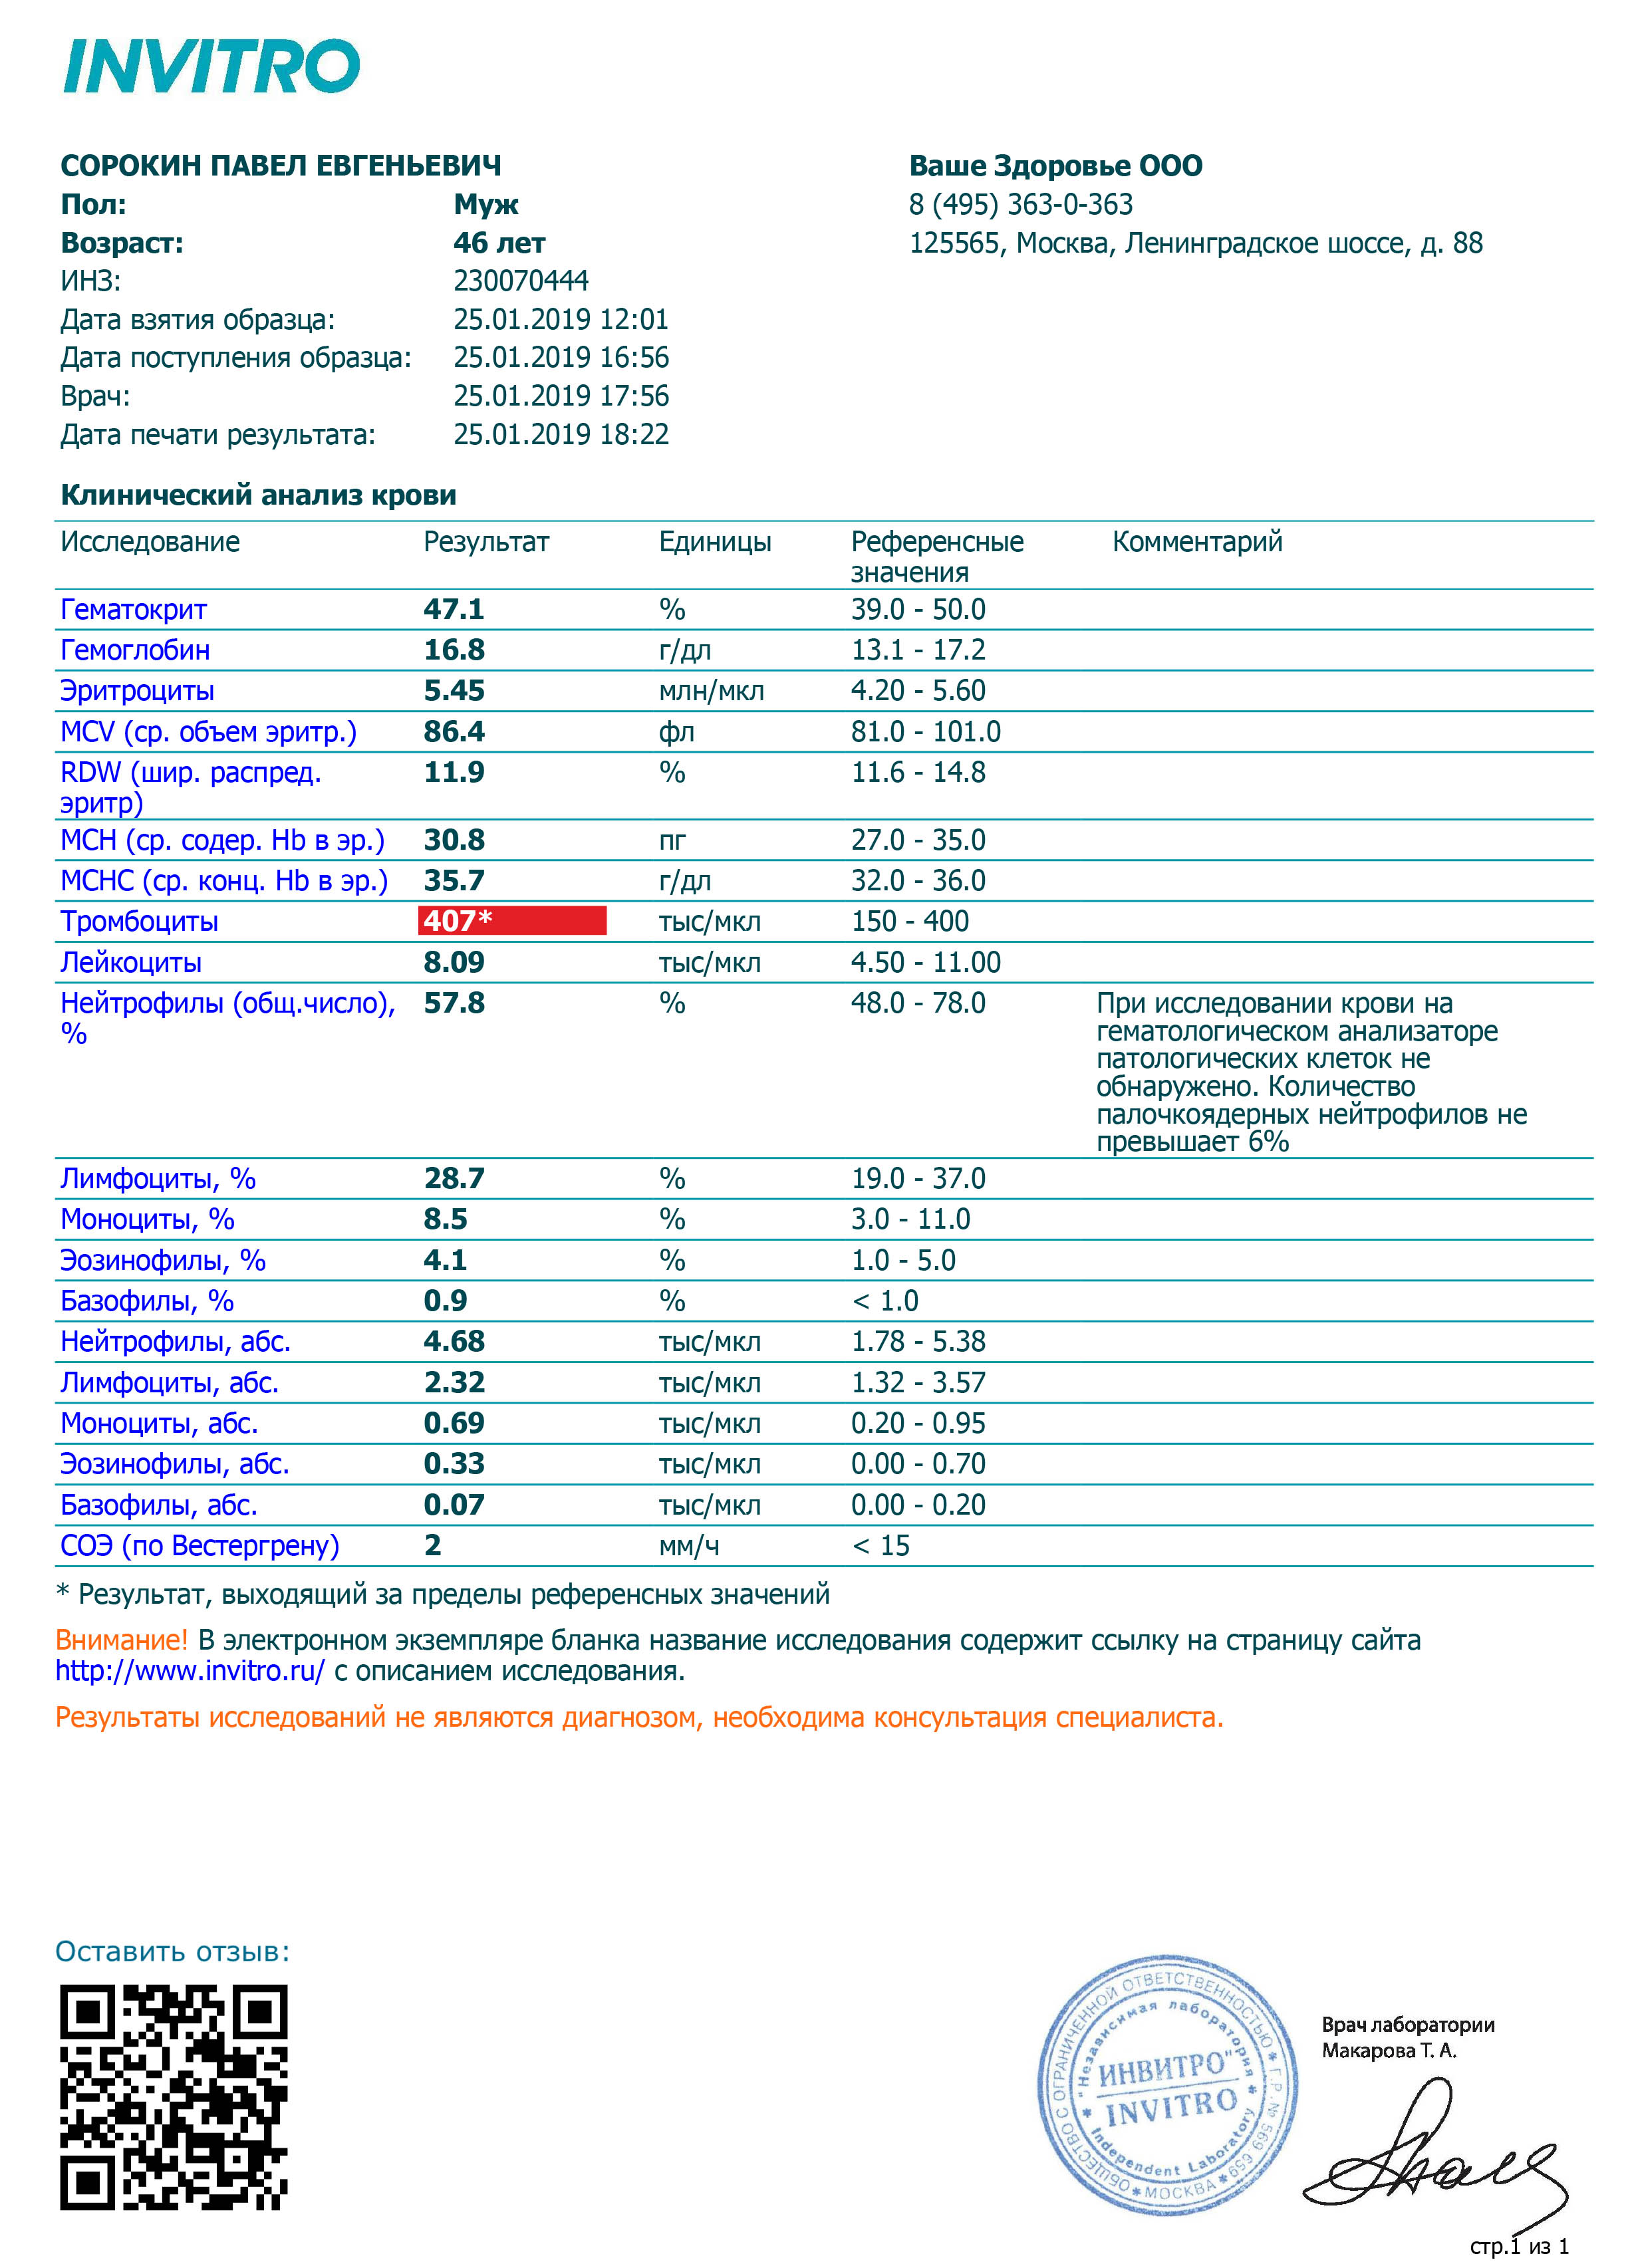 Инвитро стоимость новосибирске в общего анализа в крови нитроксолин дротаверин